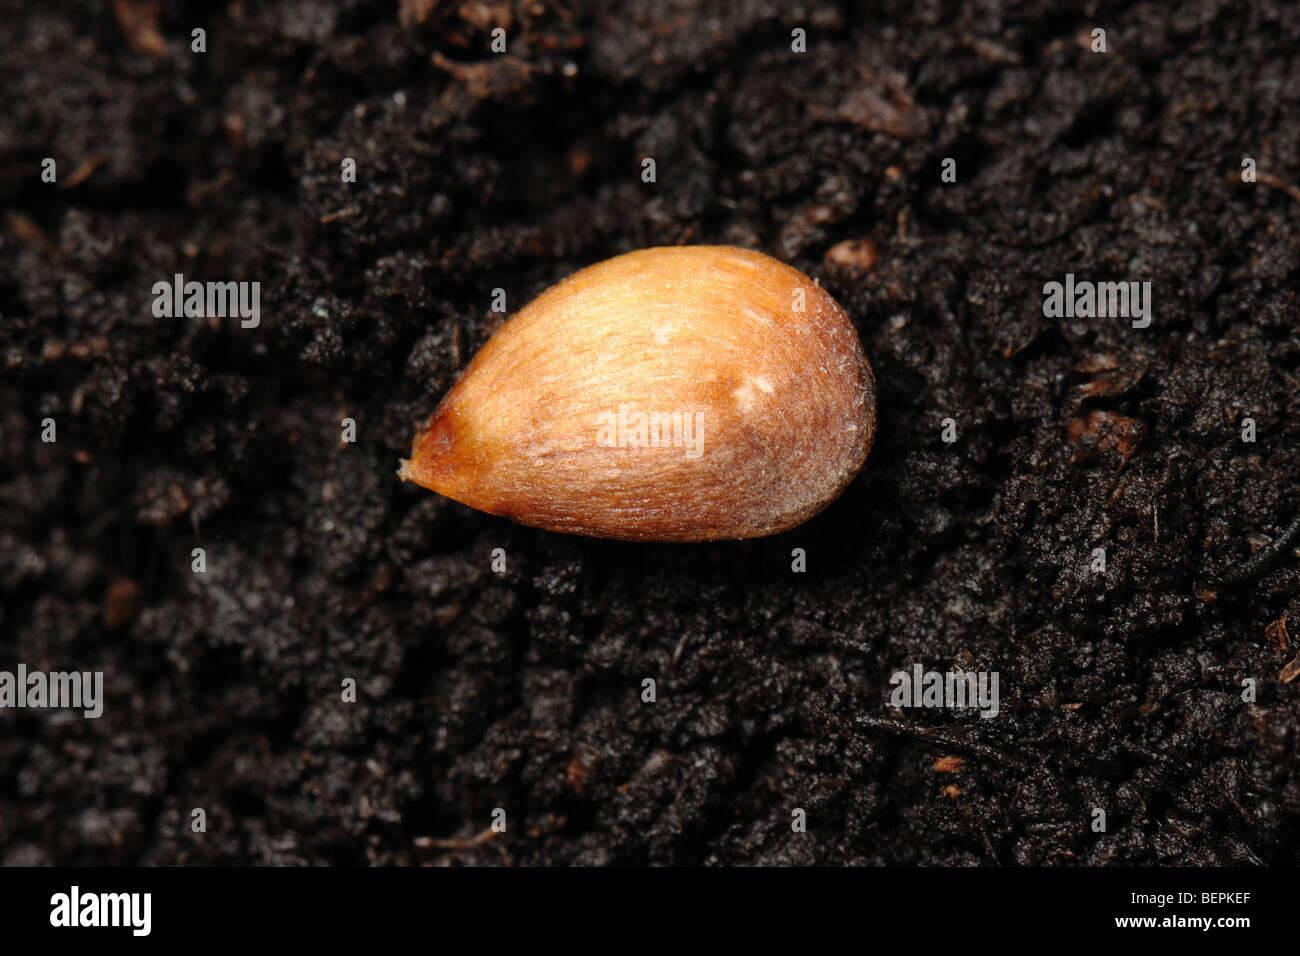 Entdeckung-Apfelkern auf eine Bodenoberfläche Stockbild